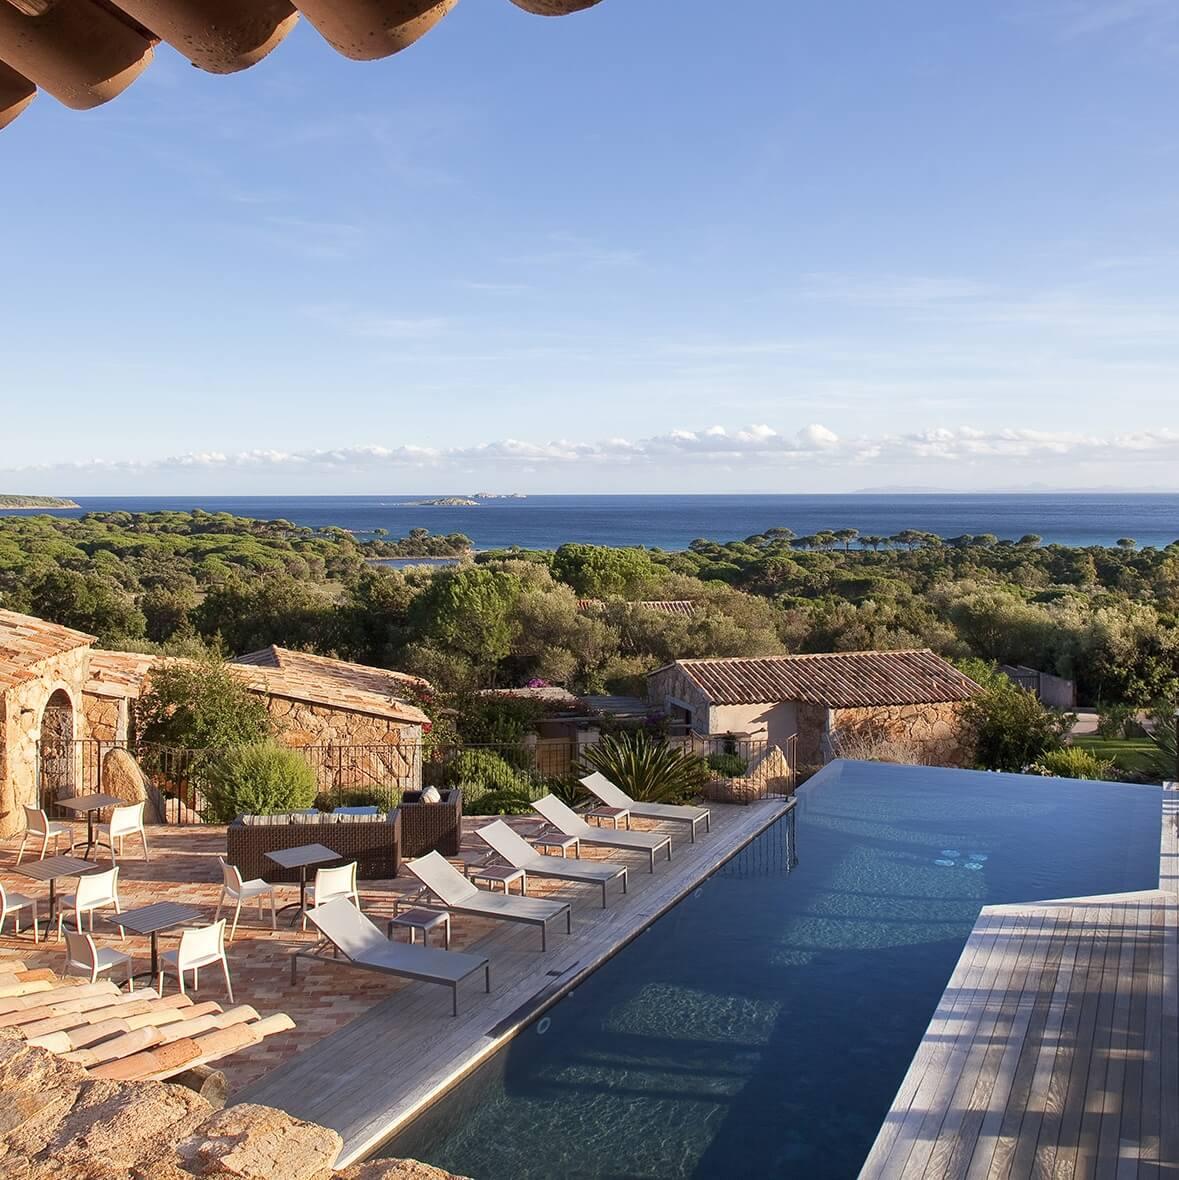 Piscine vue mer - Hôtel Les Bergeries de Palombaggia - Porto-Vecchio - Corse du Sud